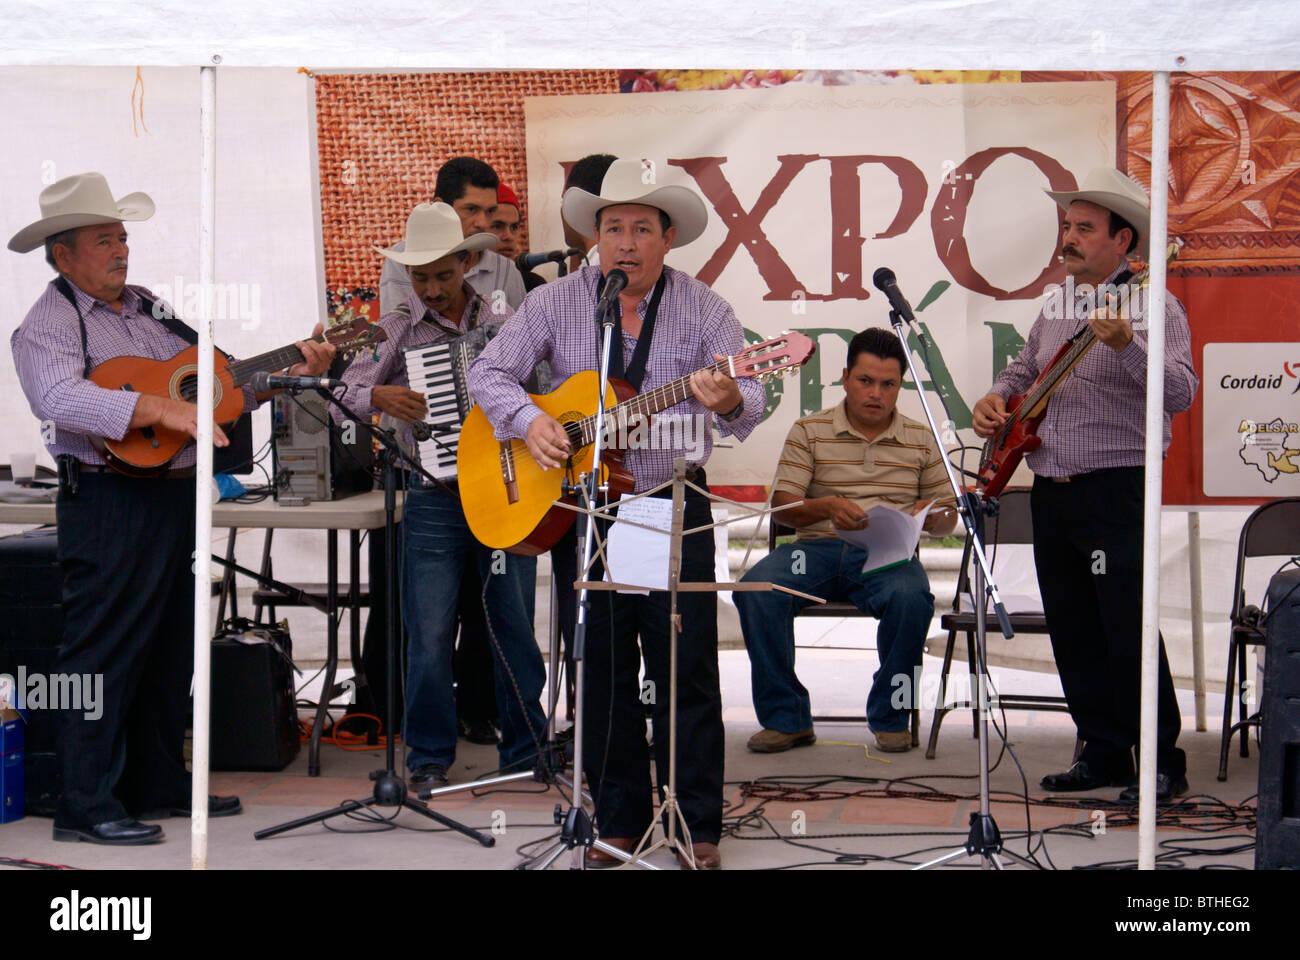 Honduran musical group performing in Santa Rosa de Copan, Honduras - Stock Image